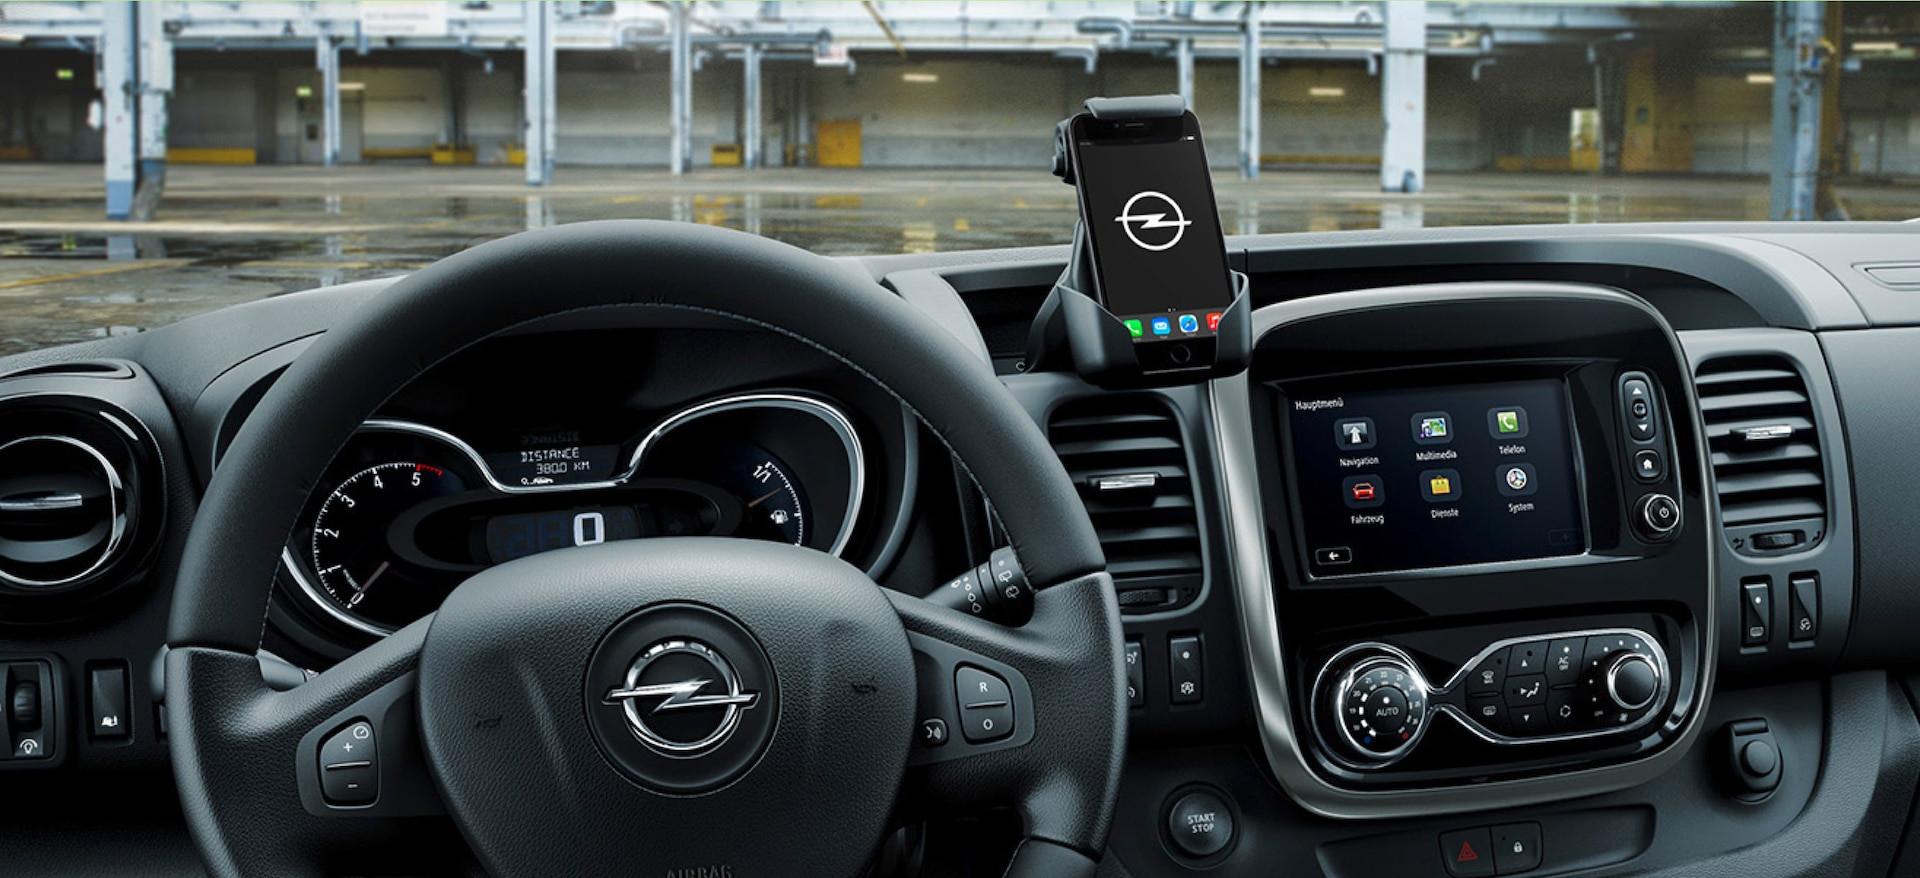 Opel_Vivaro_Tourer_Smartphone_Holder_21x